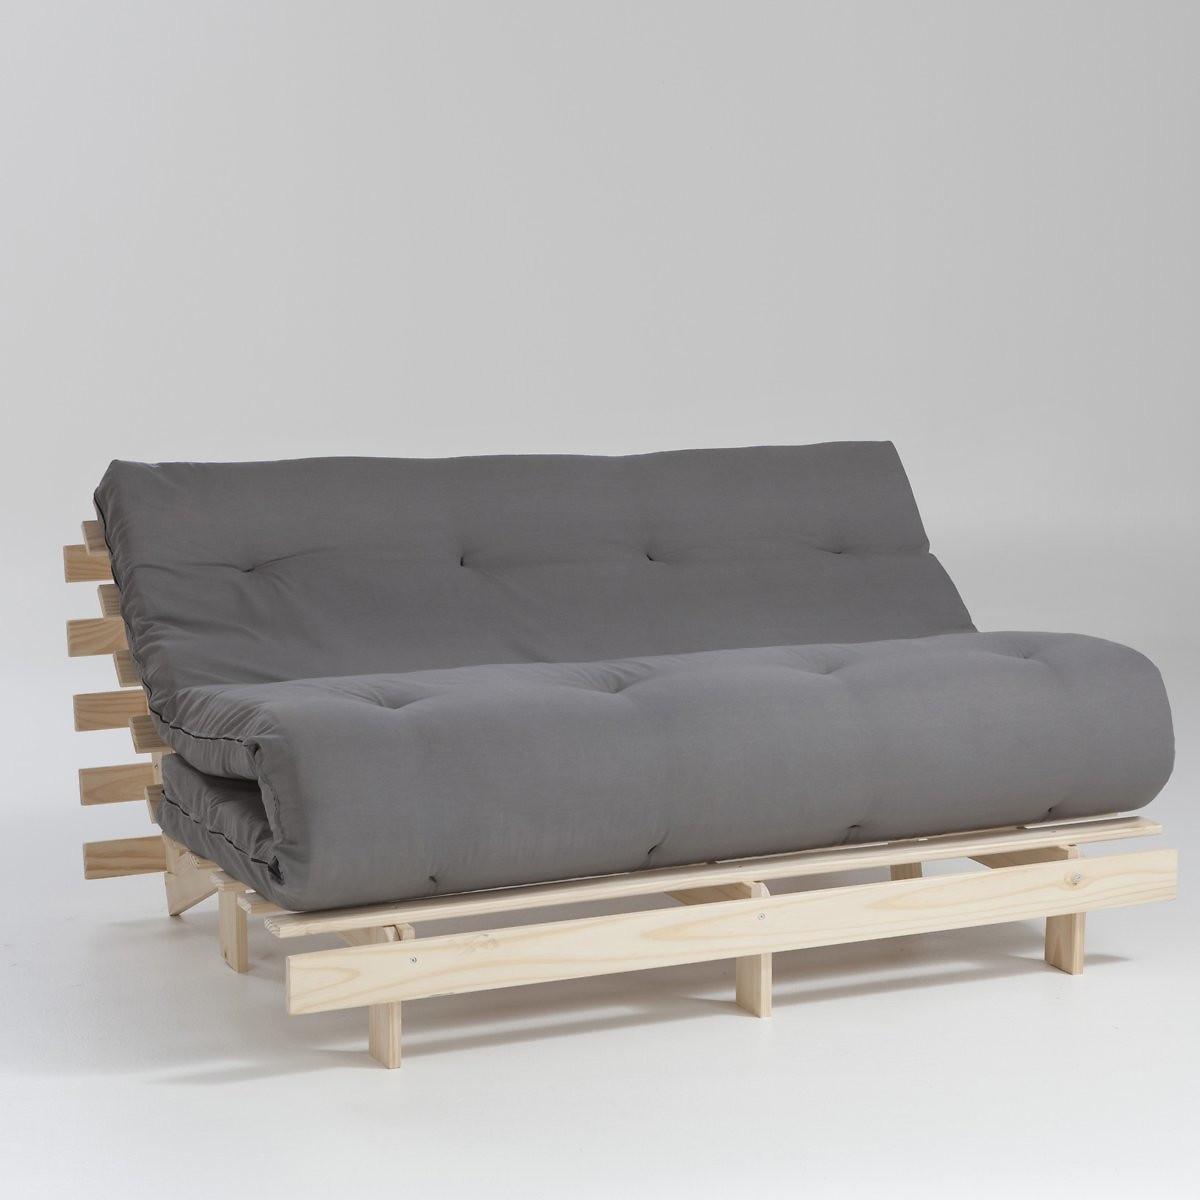 Матрас-футон LaRedoute Из хлопка для банкетки THA 160 x 200 см серый кровать laredoute numa 160 x 200 см серый